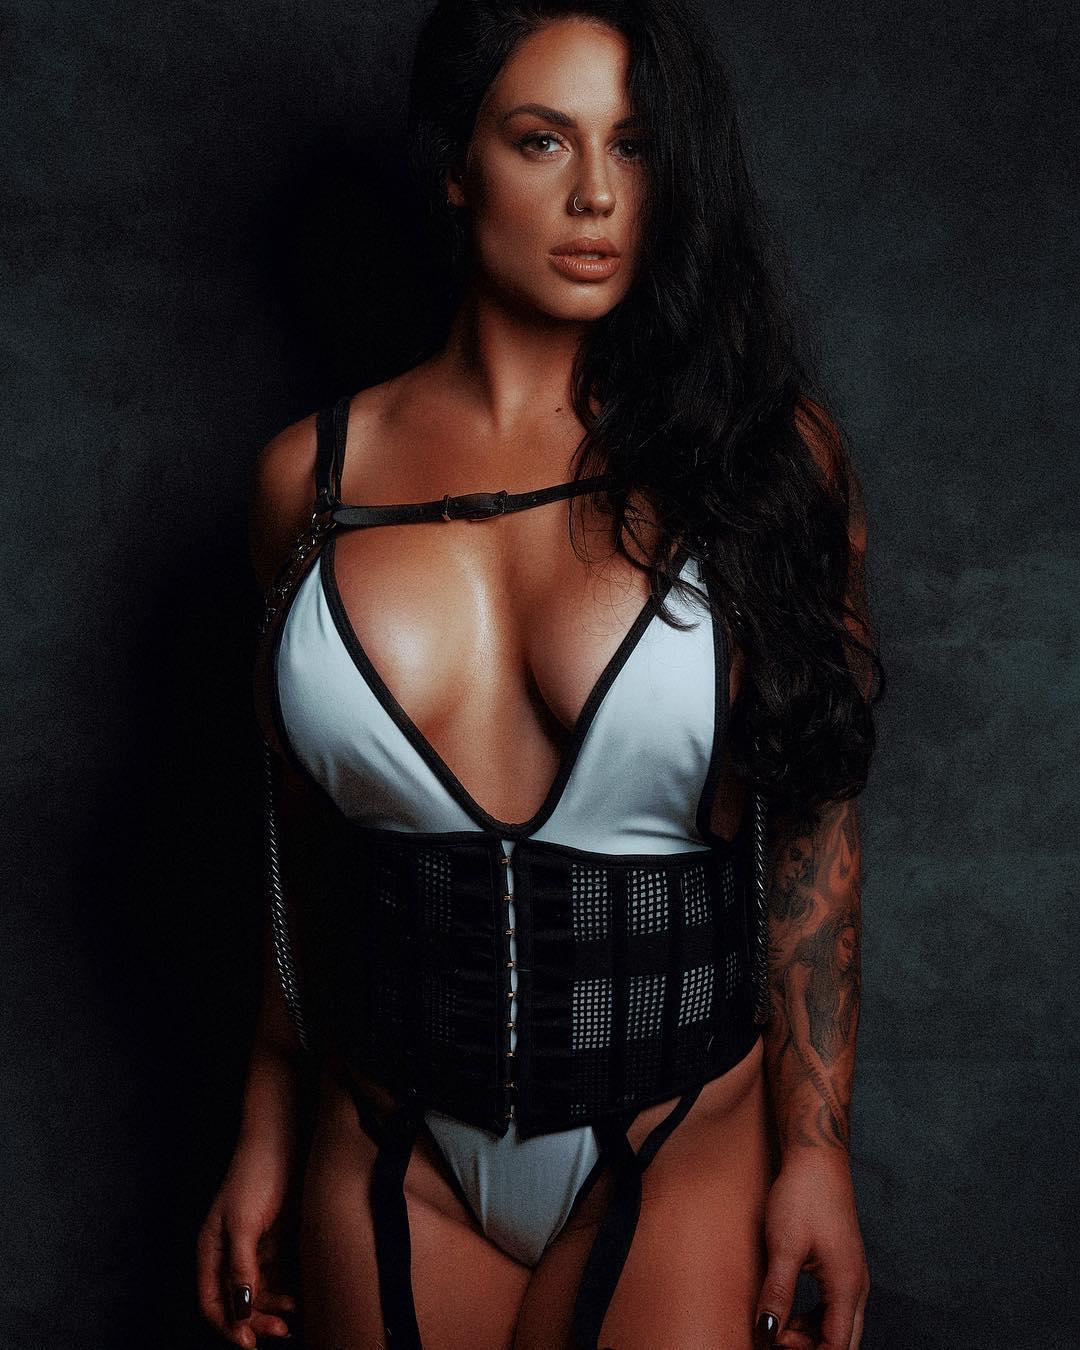 Kaitlyn sexy photos